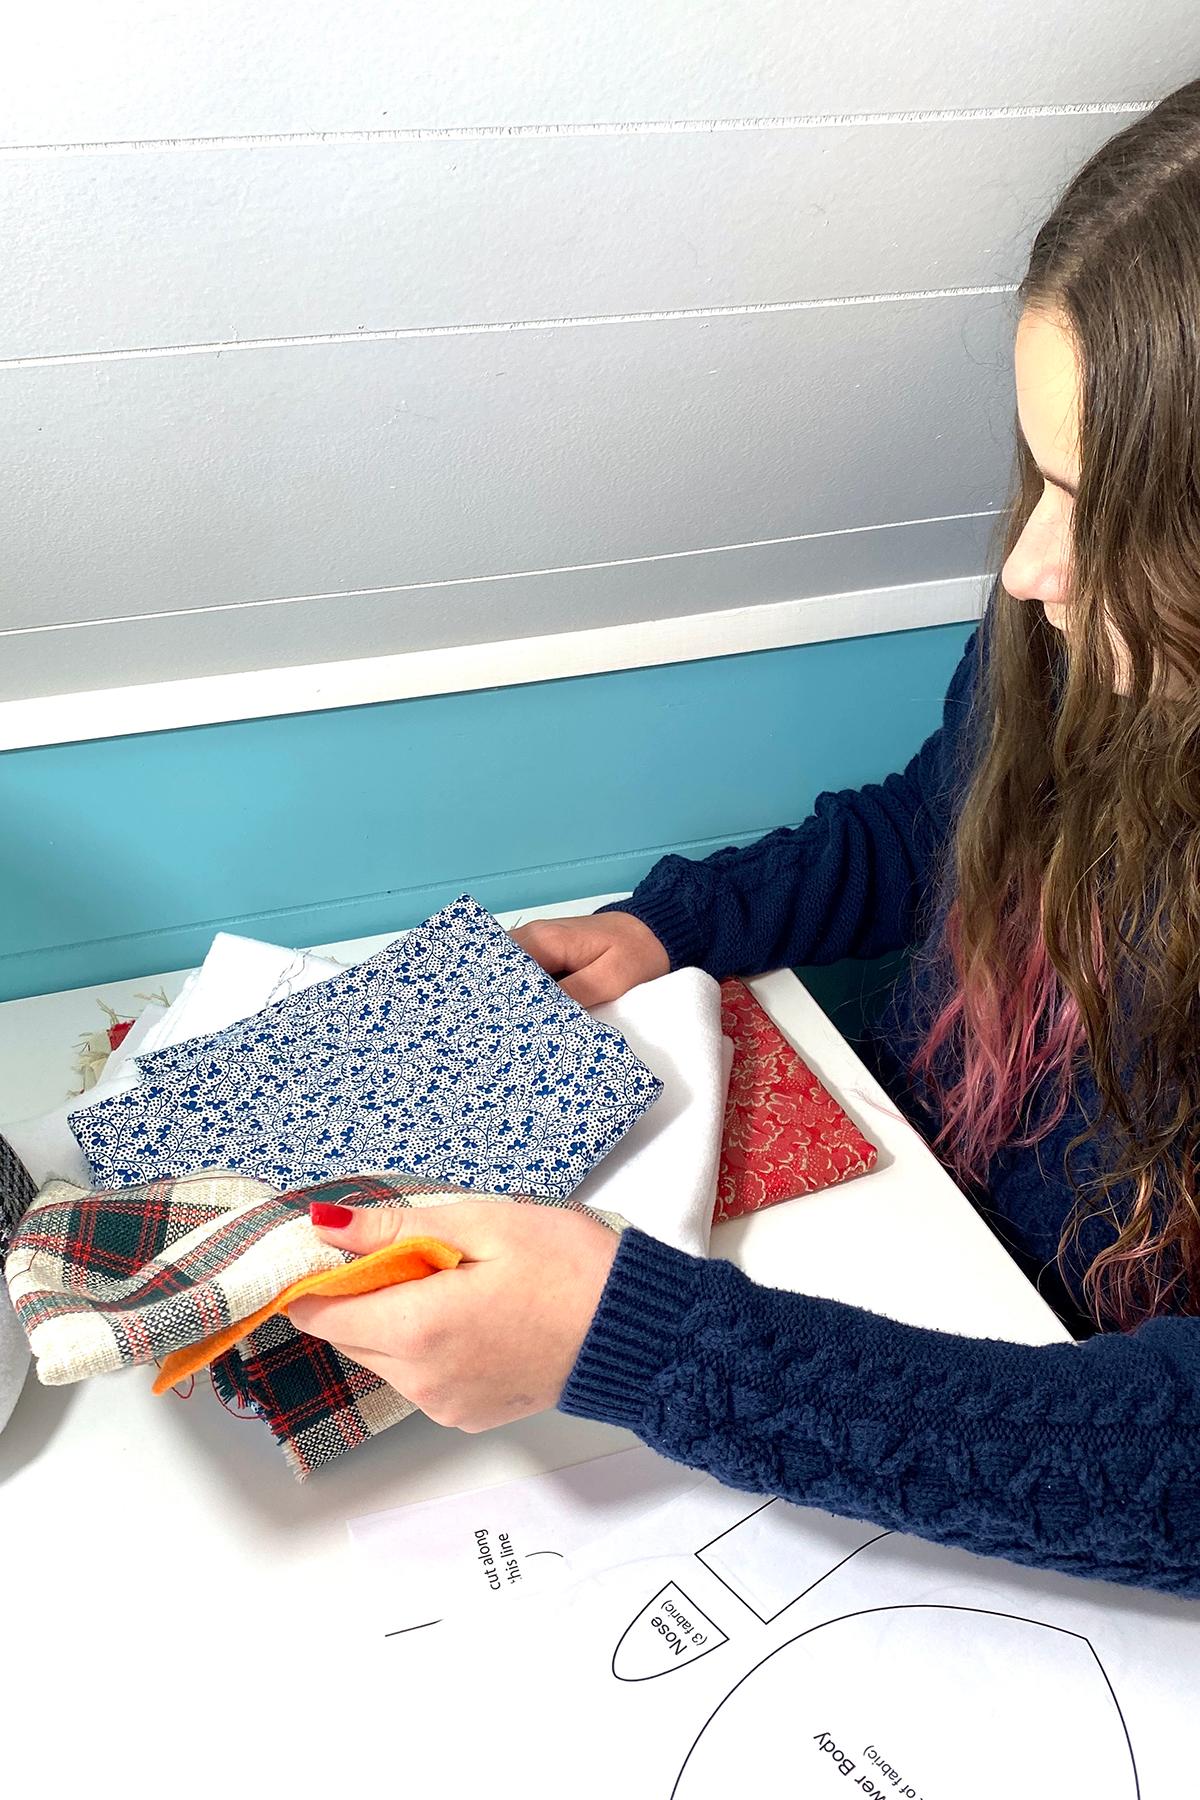 Girl cutting fabric